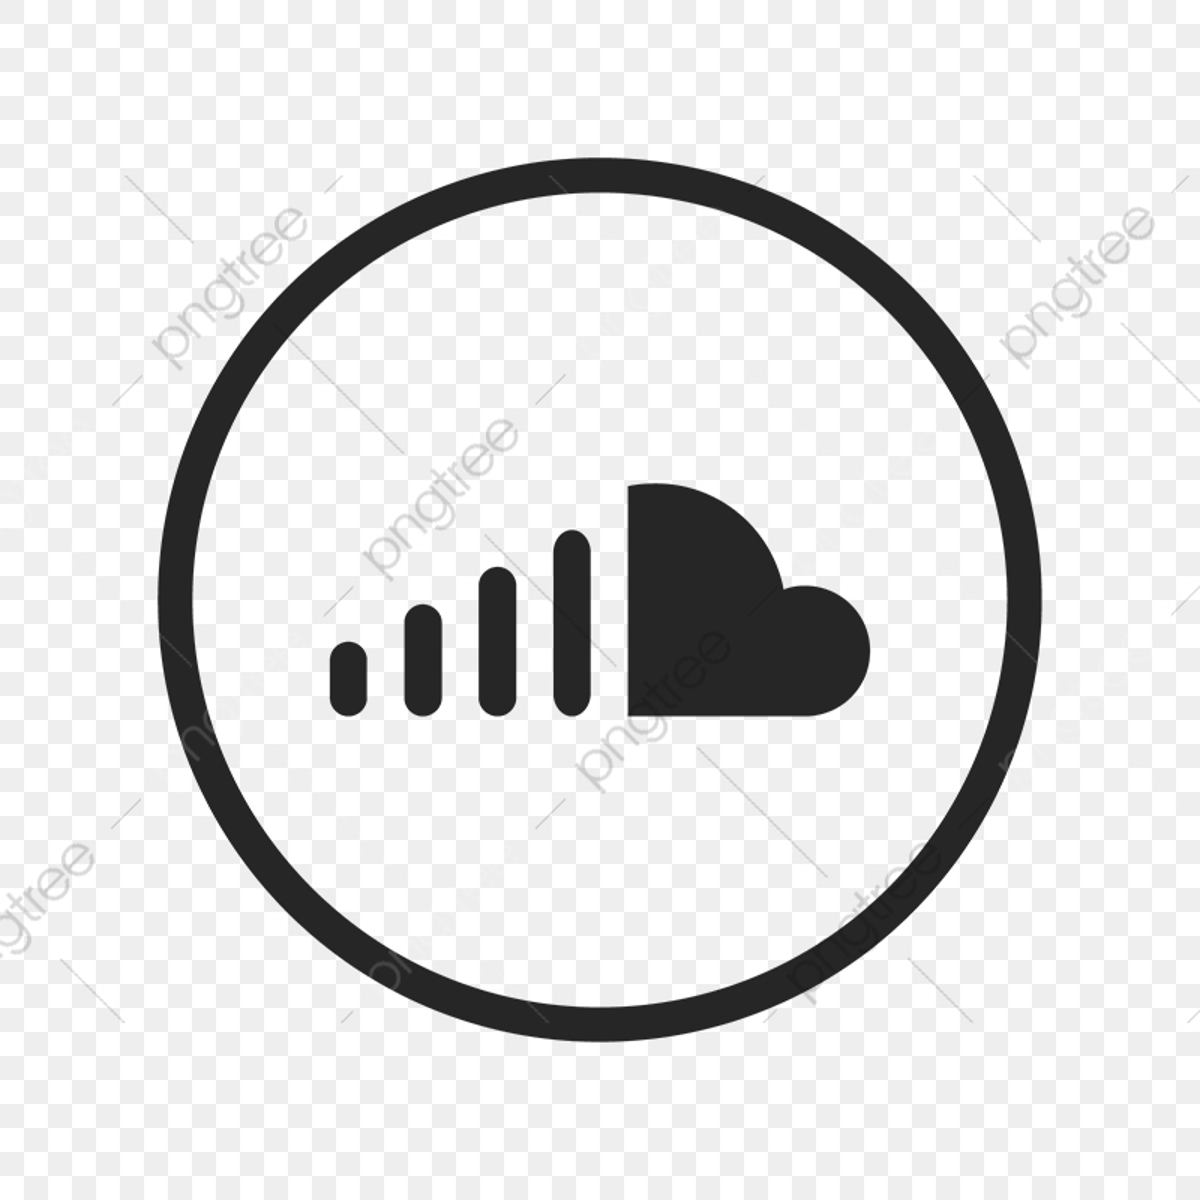 Soundcloud Icon, Soundcloud, Sound, Cloud PNG and Vector